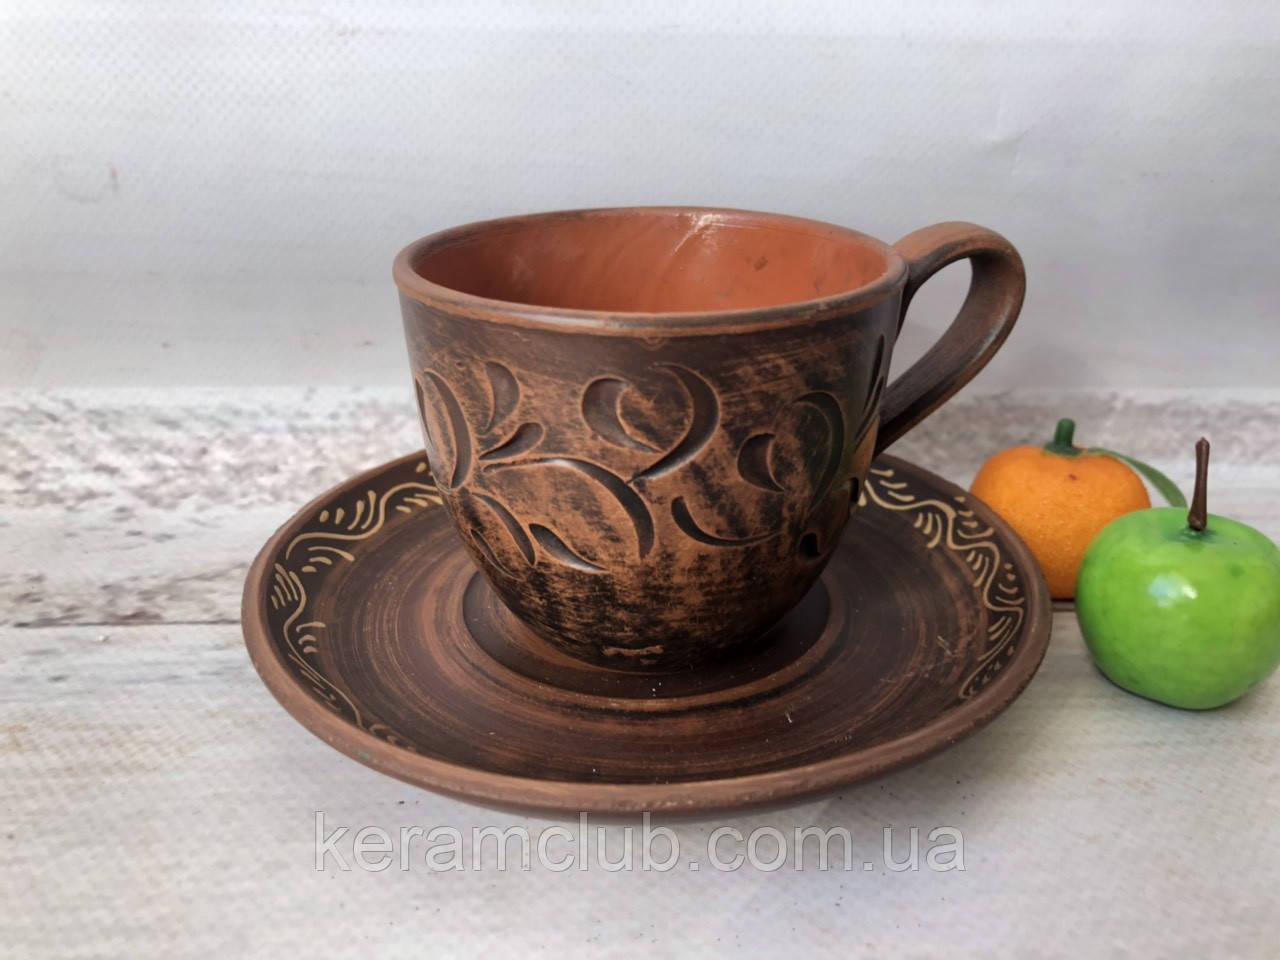 Кофейная чашка Керамклуб с блюдцем 180 мл из красной глины